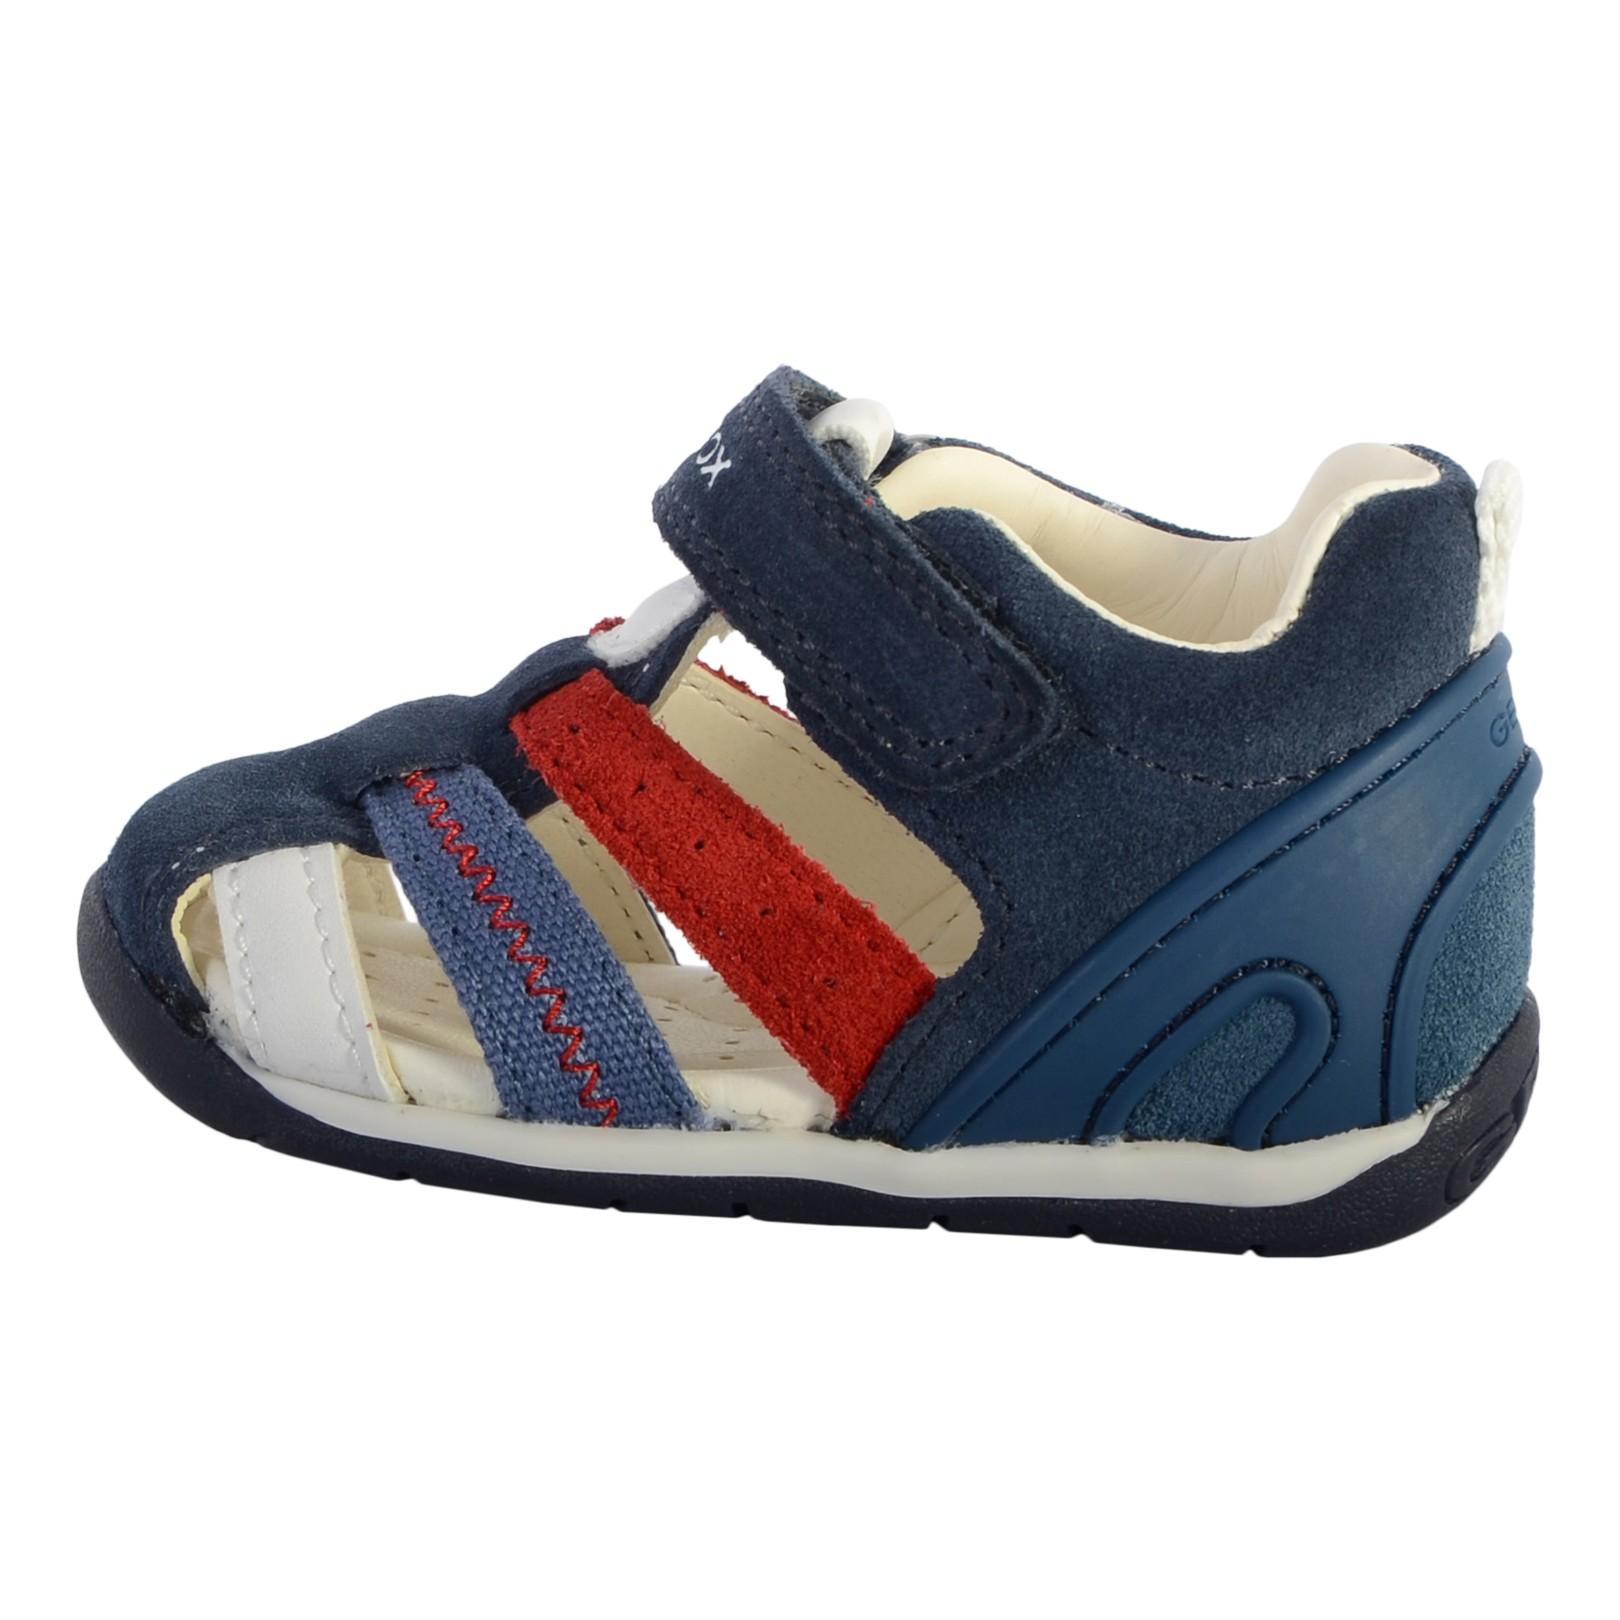 Sandales Cuir Enfant Geox Each